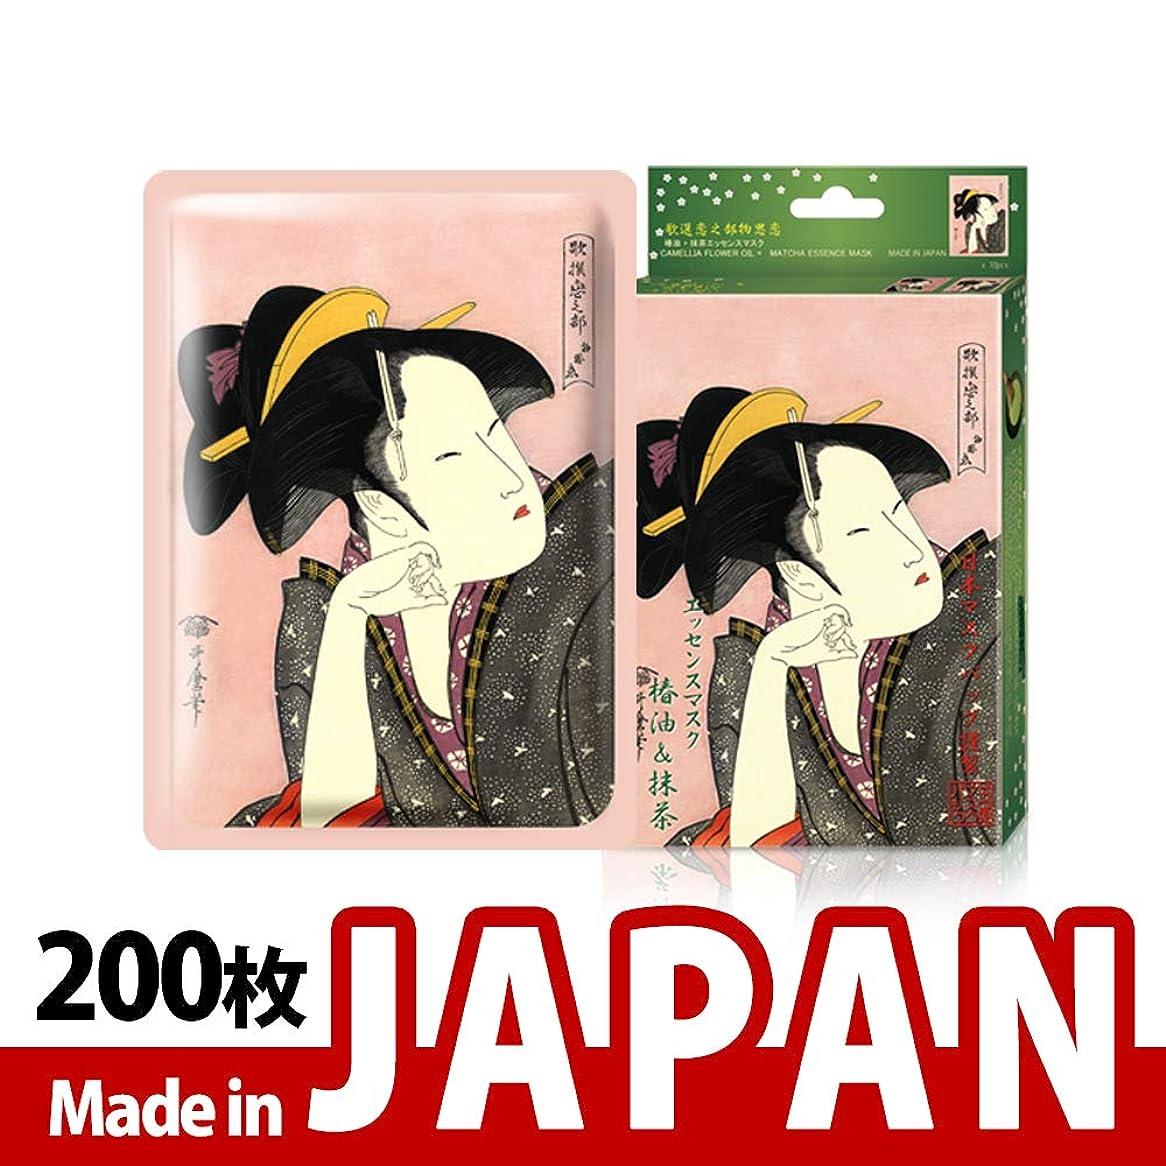 電気の雇ったストラトフォードオンエイボンMITOMO【JP005-A-1】日本製シートマスク/10枚入り/200枚/美容液/マスクパック/送料無料